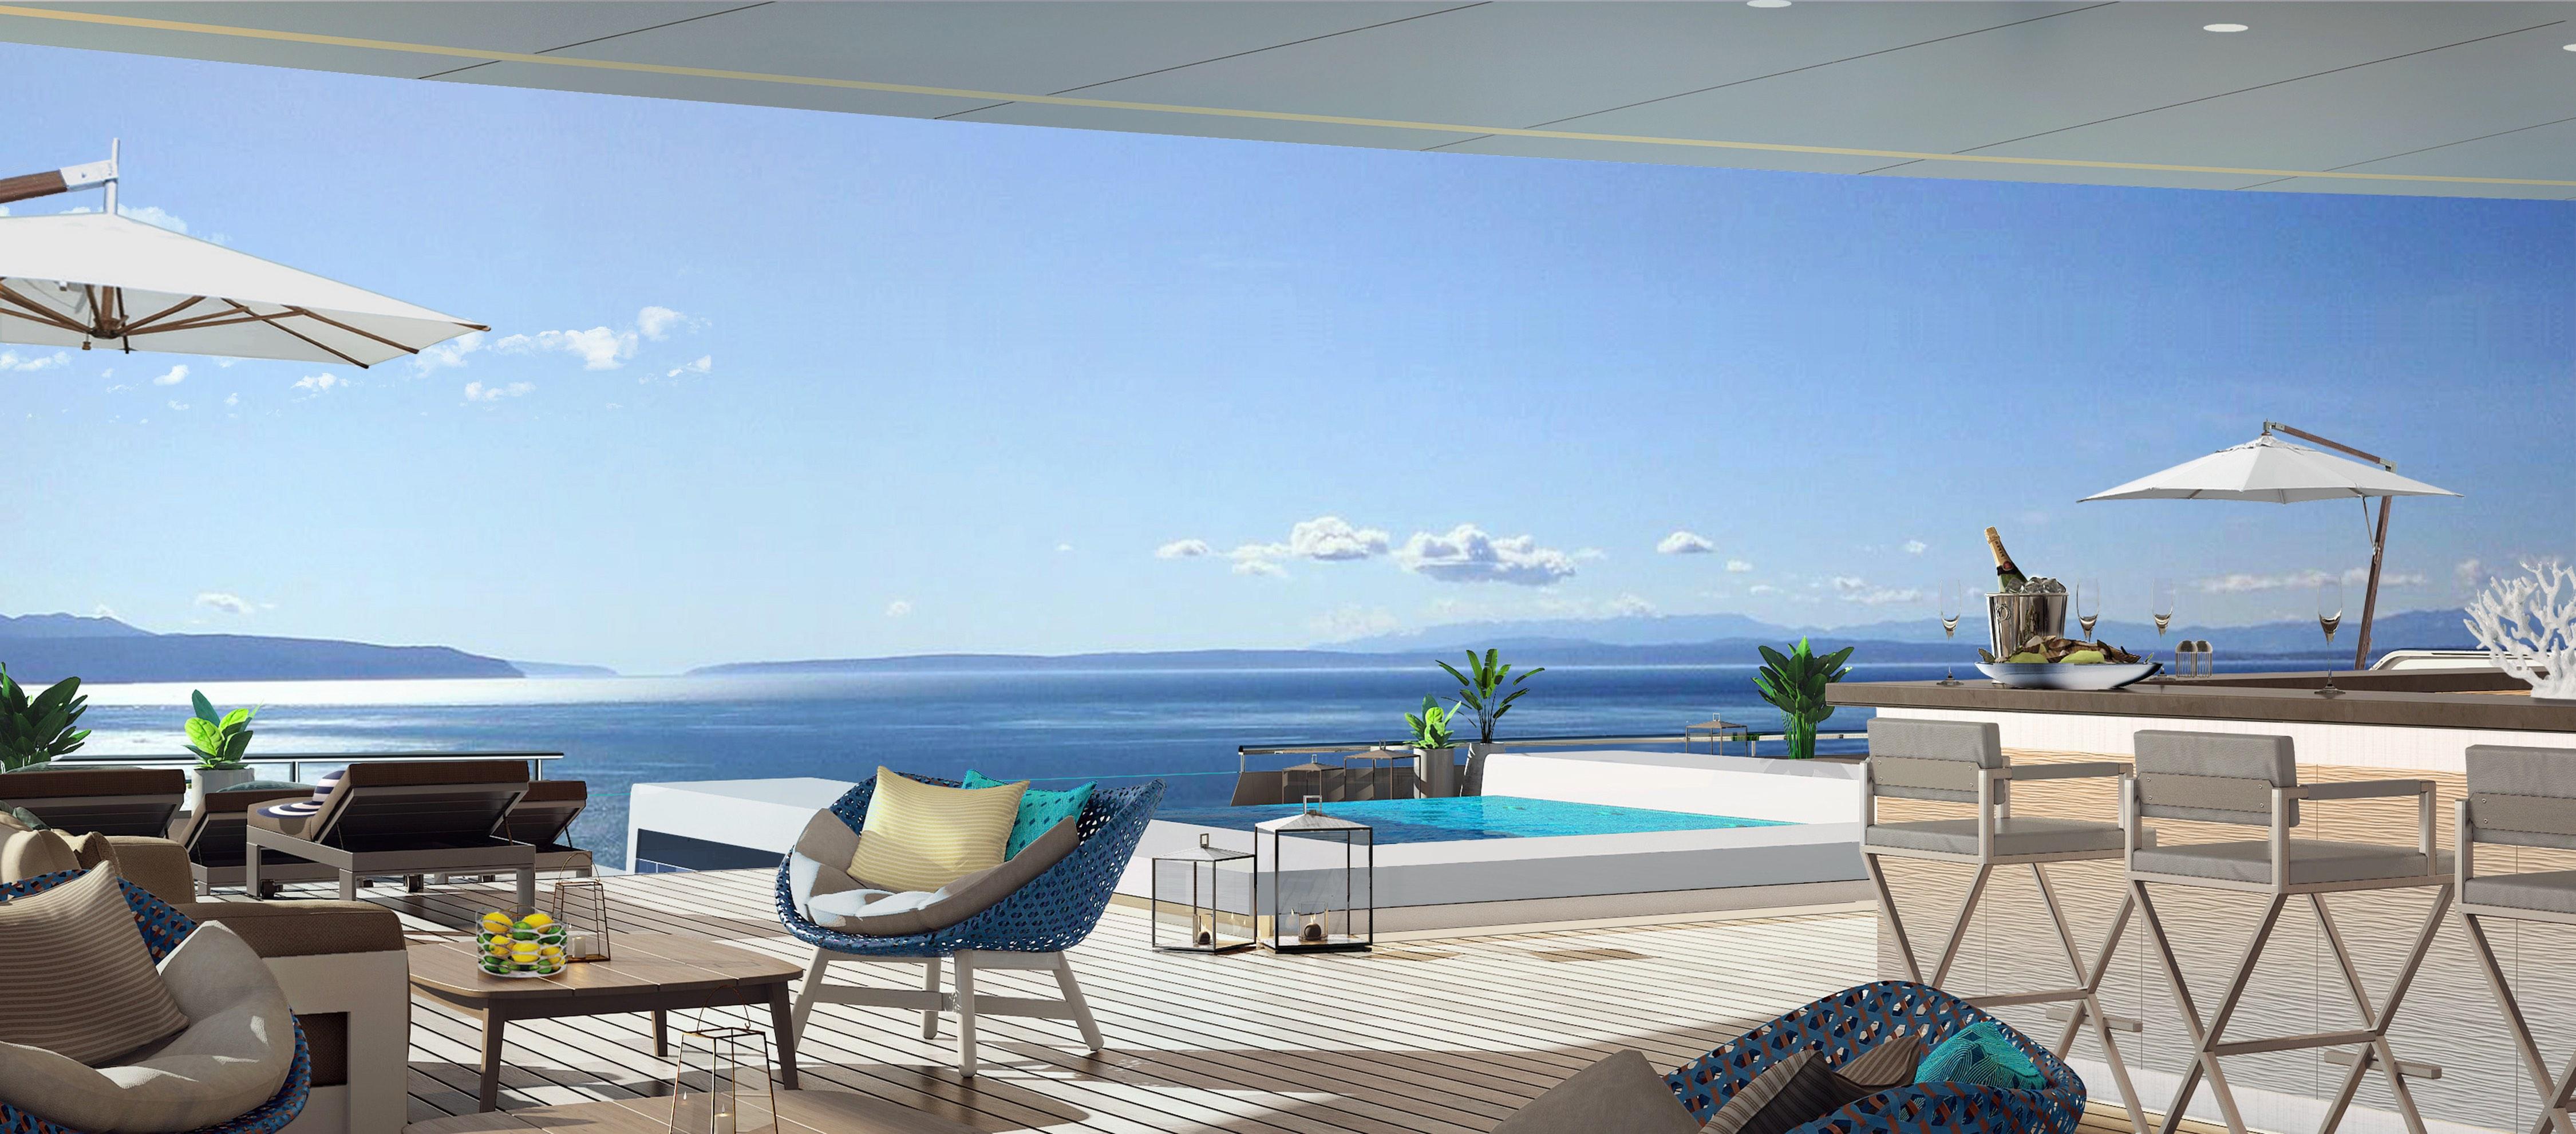 Marina Bar, Ritz-Carlton yacht